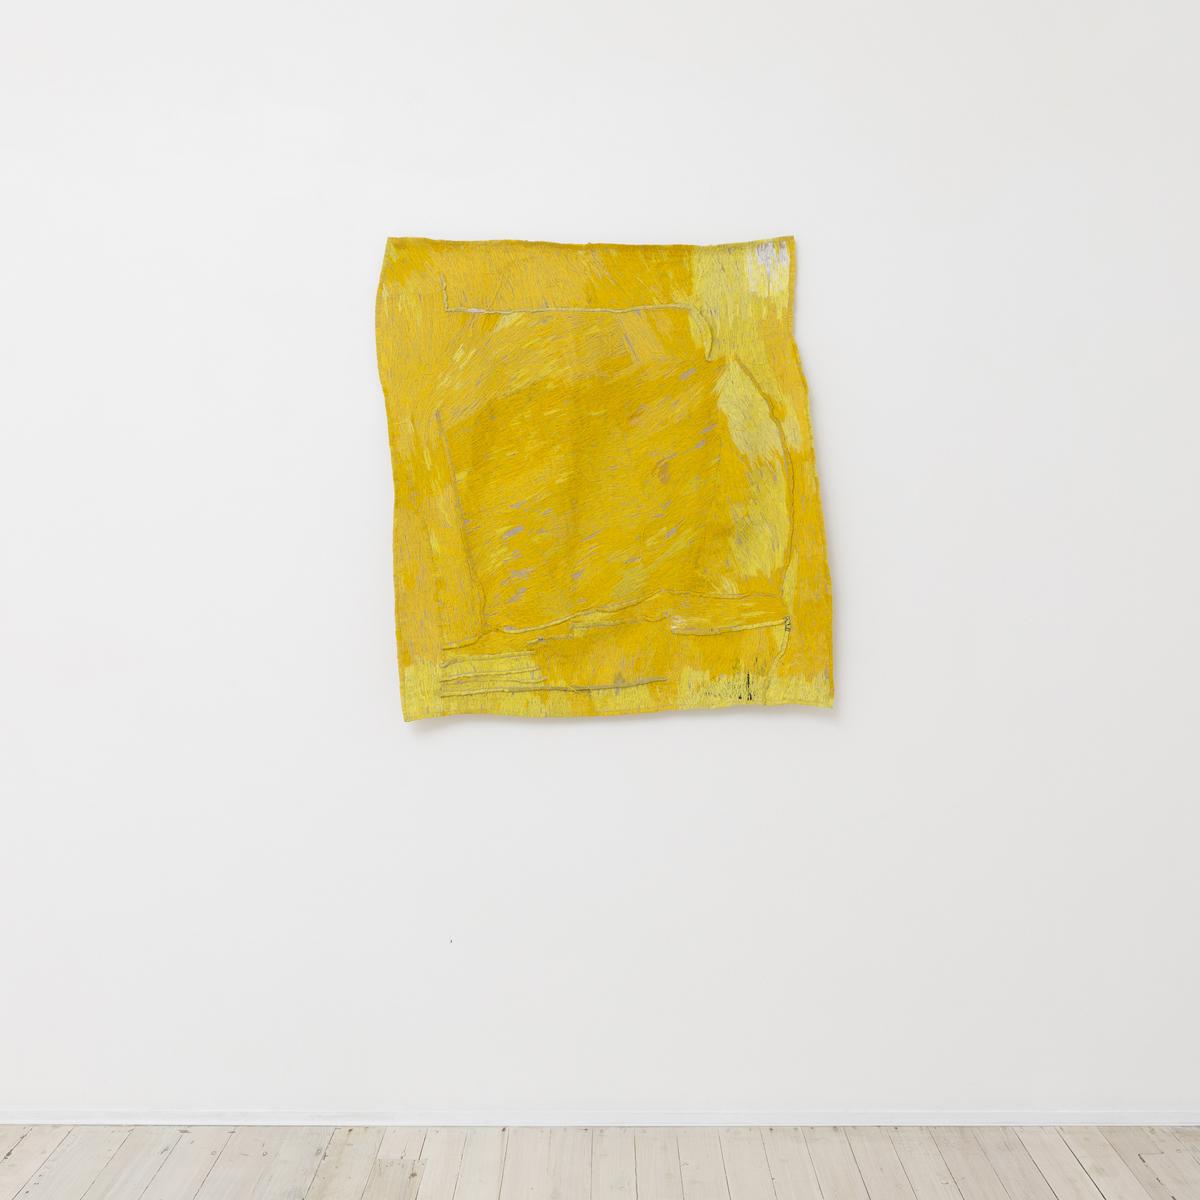 Teelah George, Artist, Gallery 9